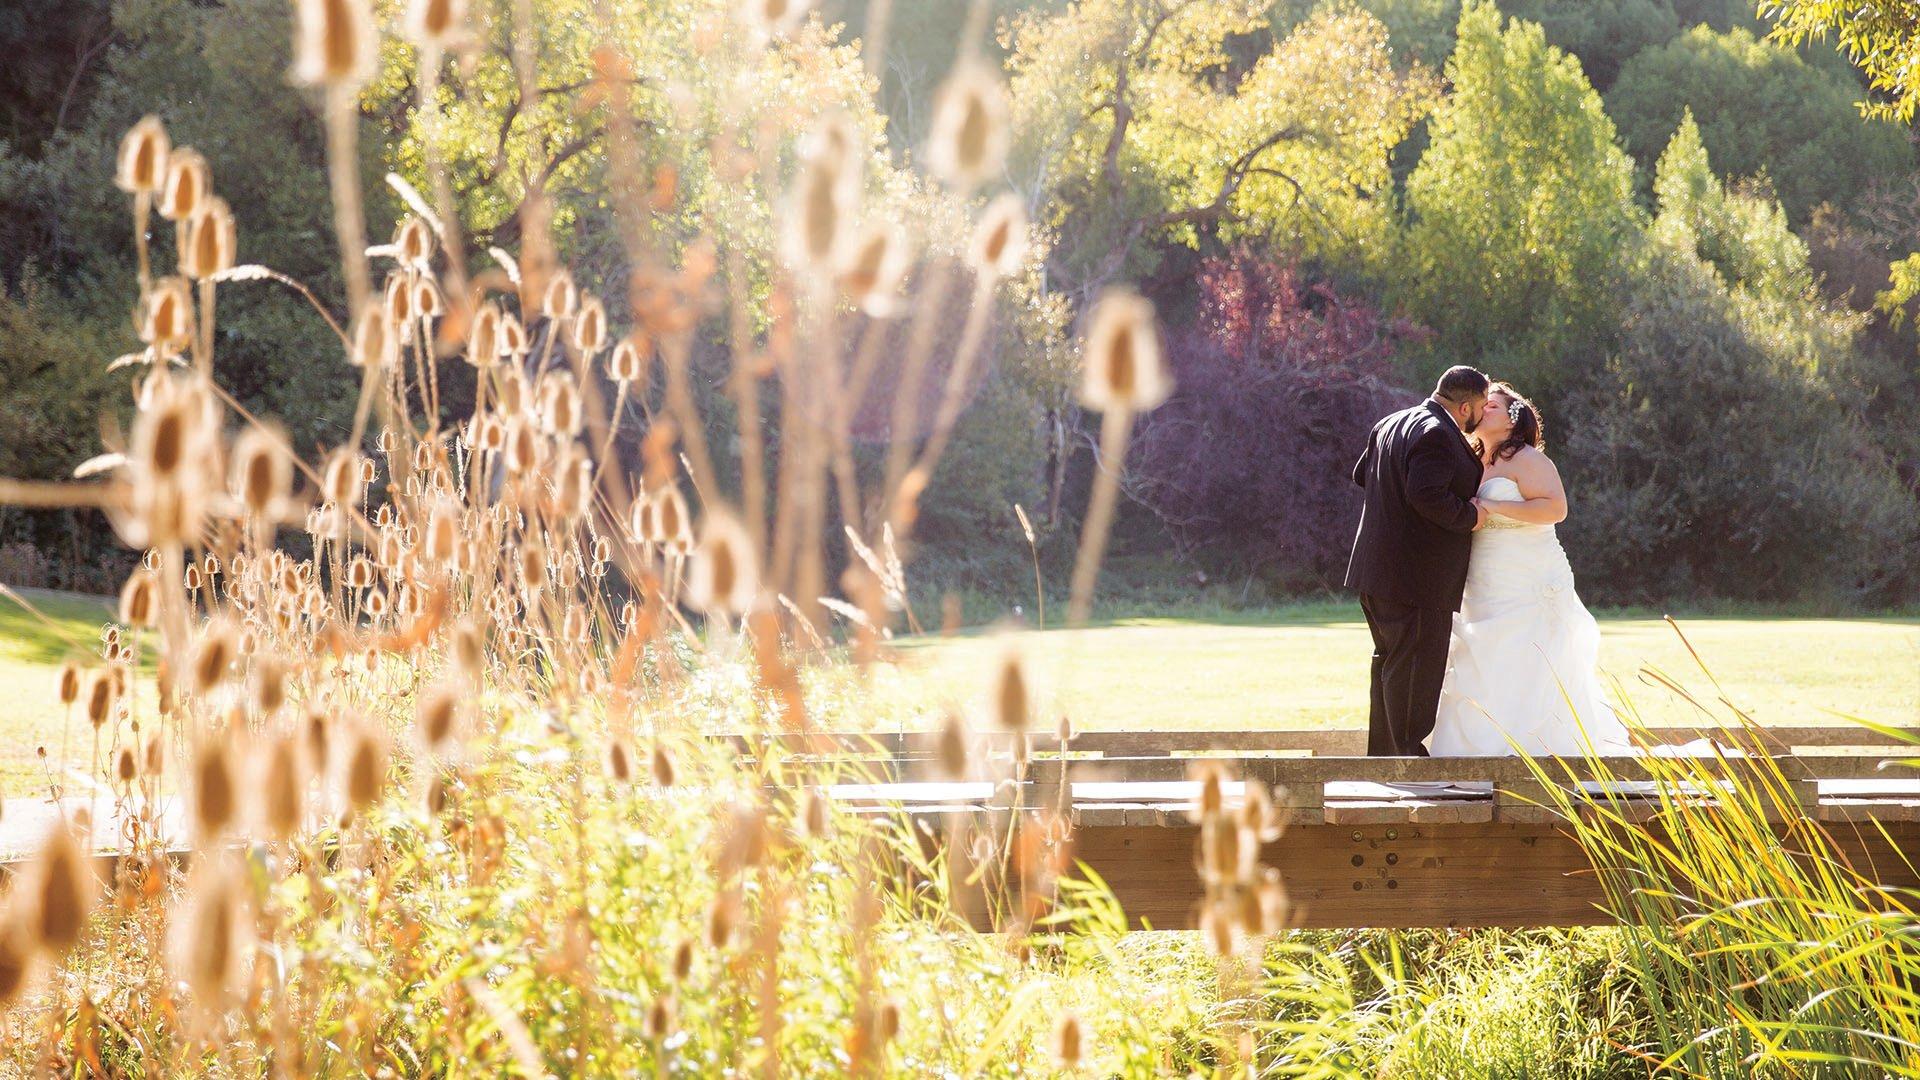 Wedding Kiss - Redwood Canyon by Wedgewood Weddings